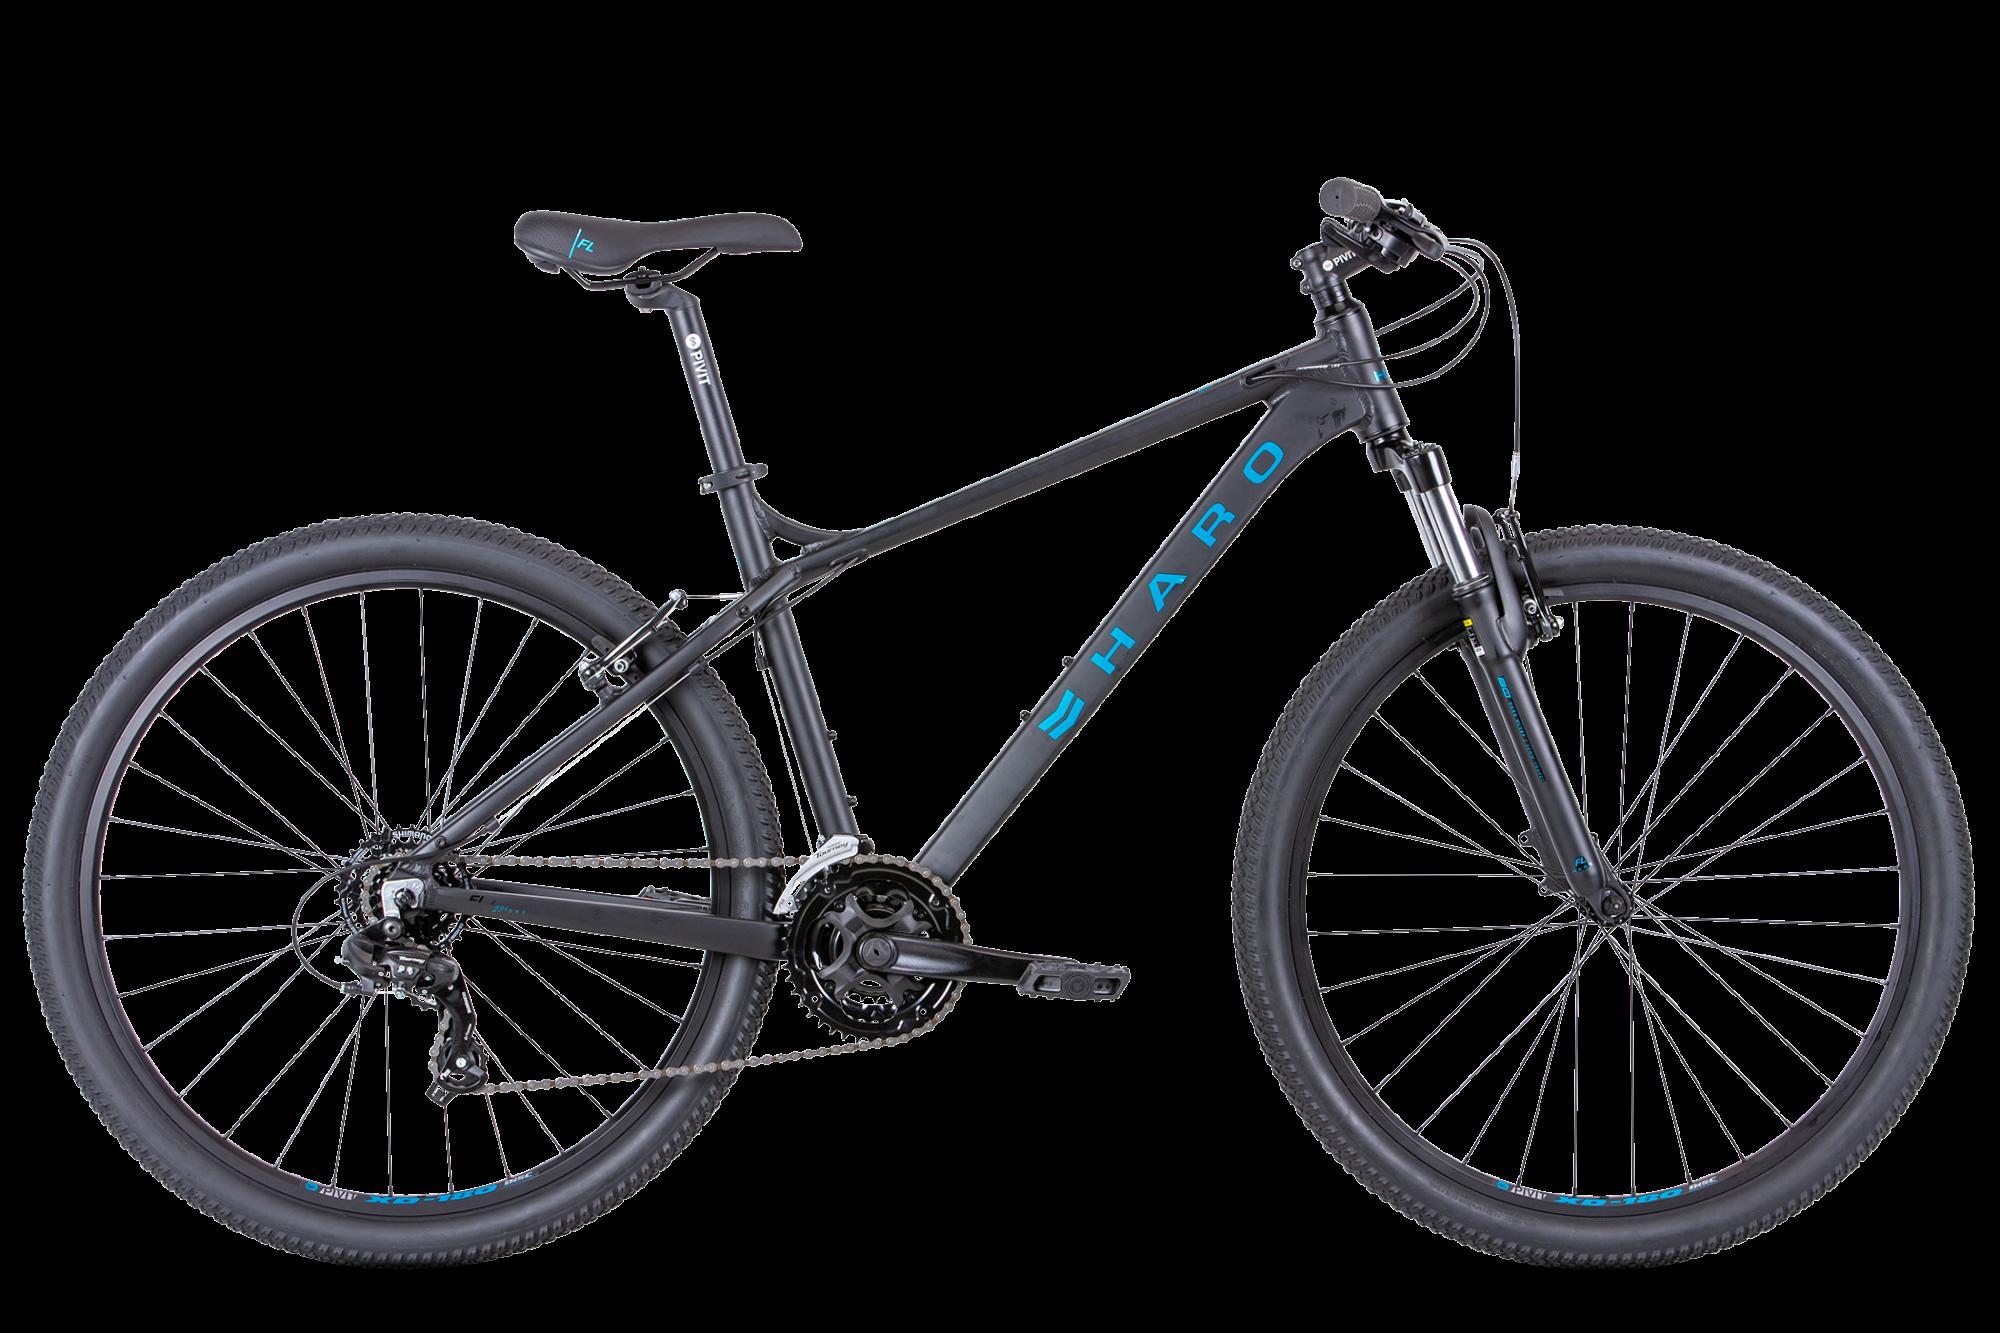 HARO FLIGHTLINE ONE 27.5 BICYCLE 2021